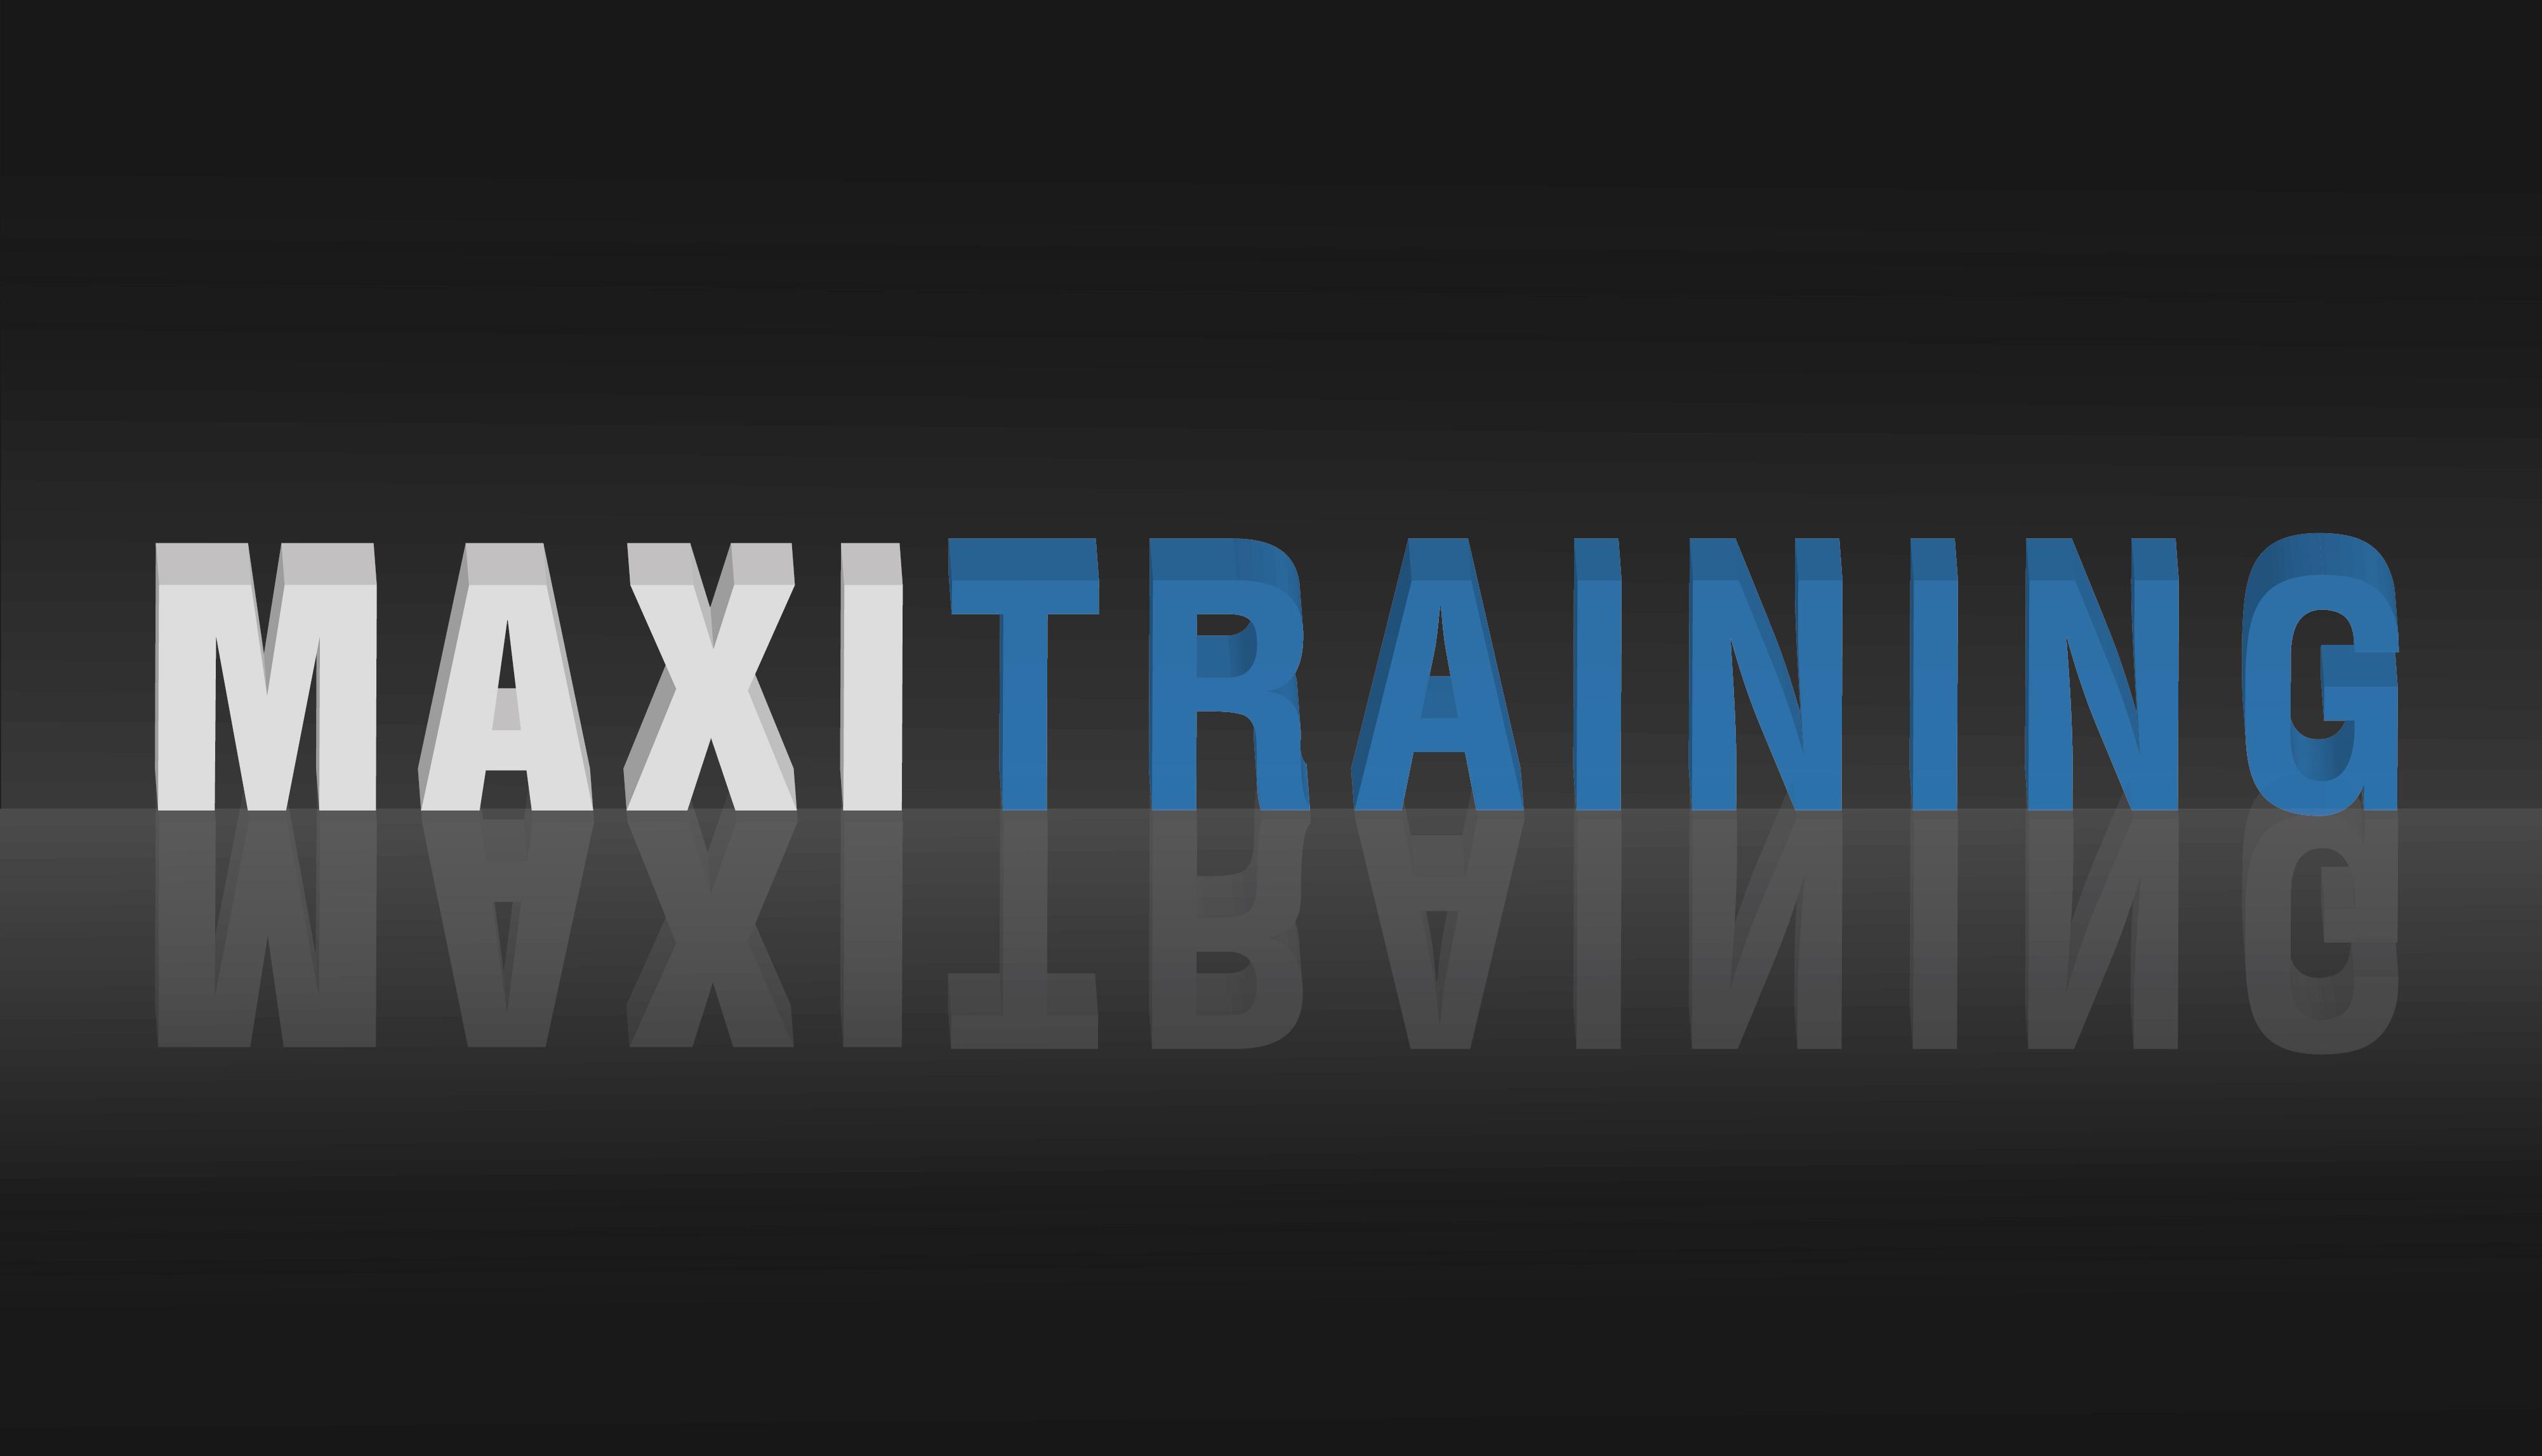 coaching maxitraining